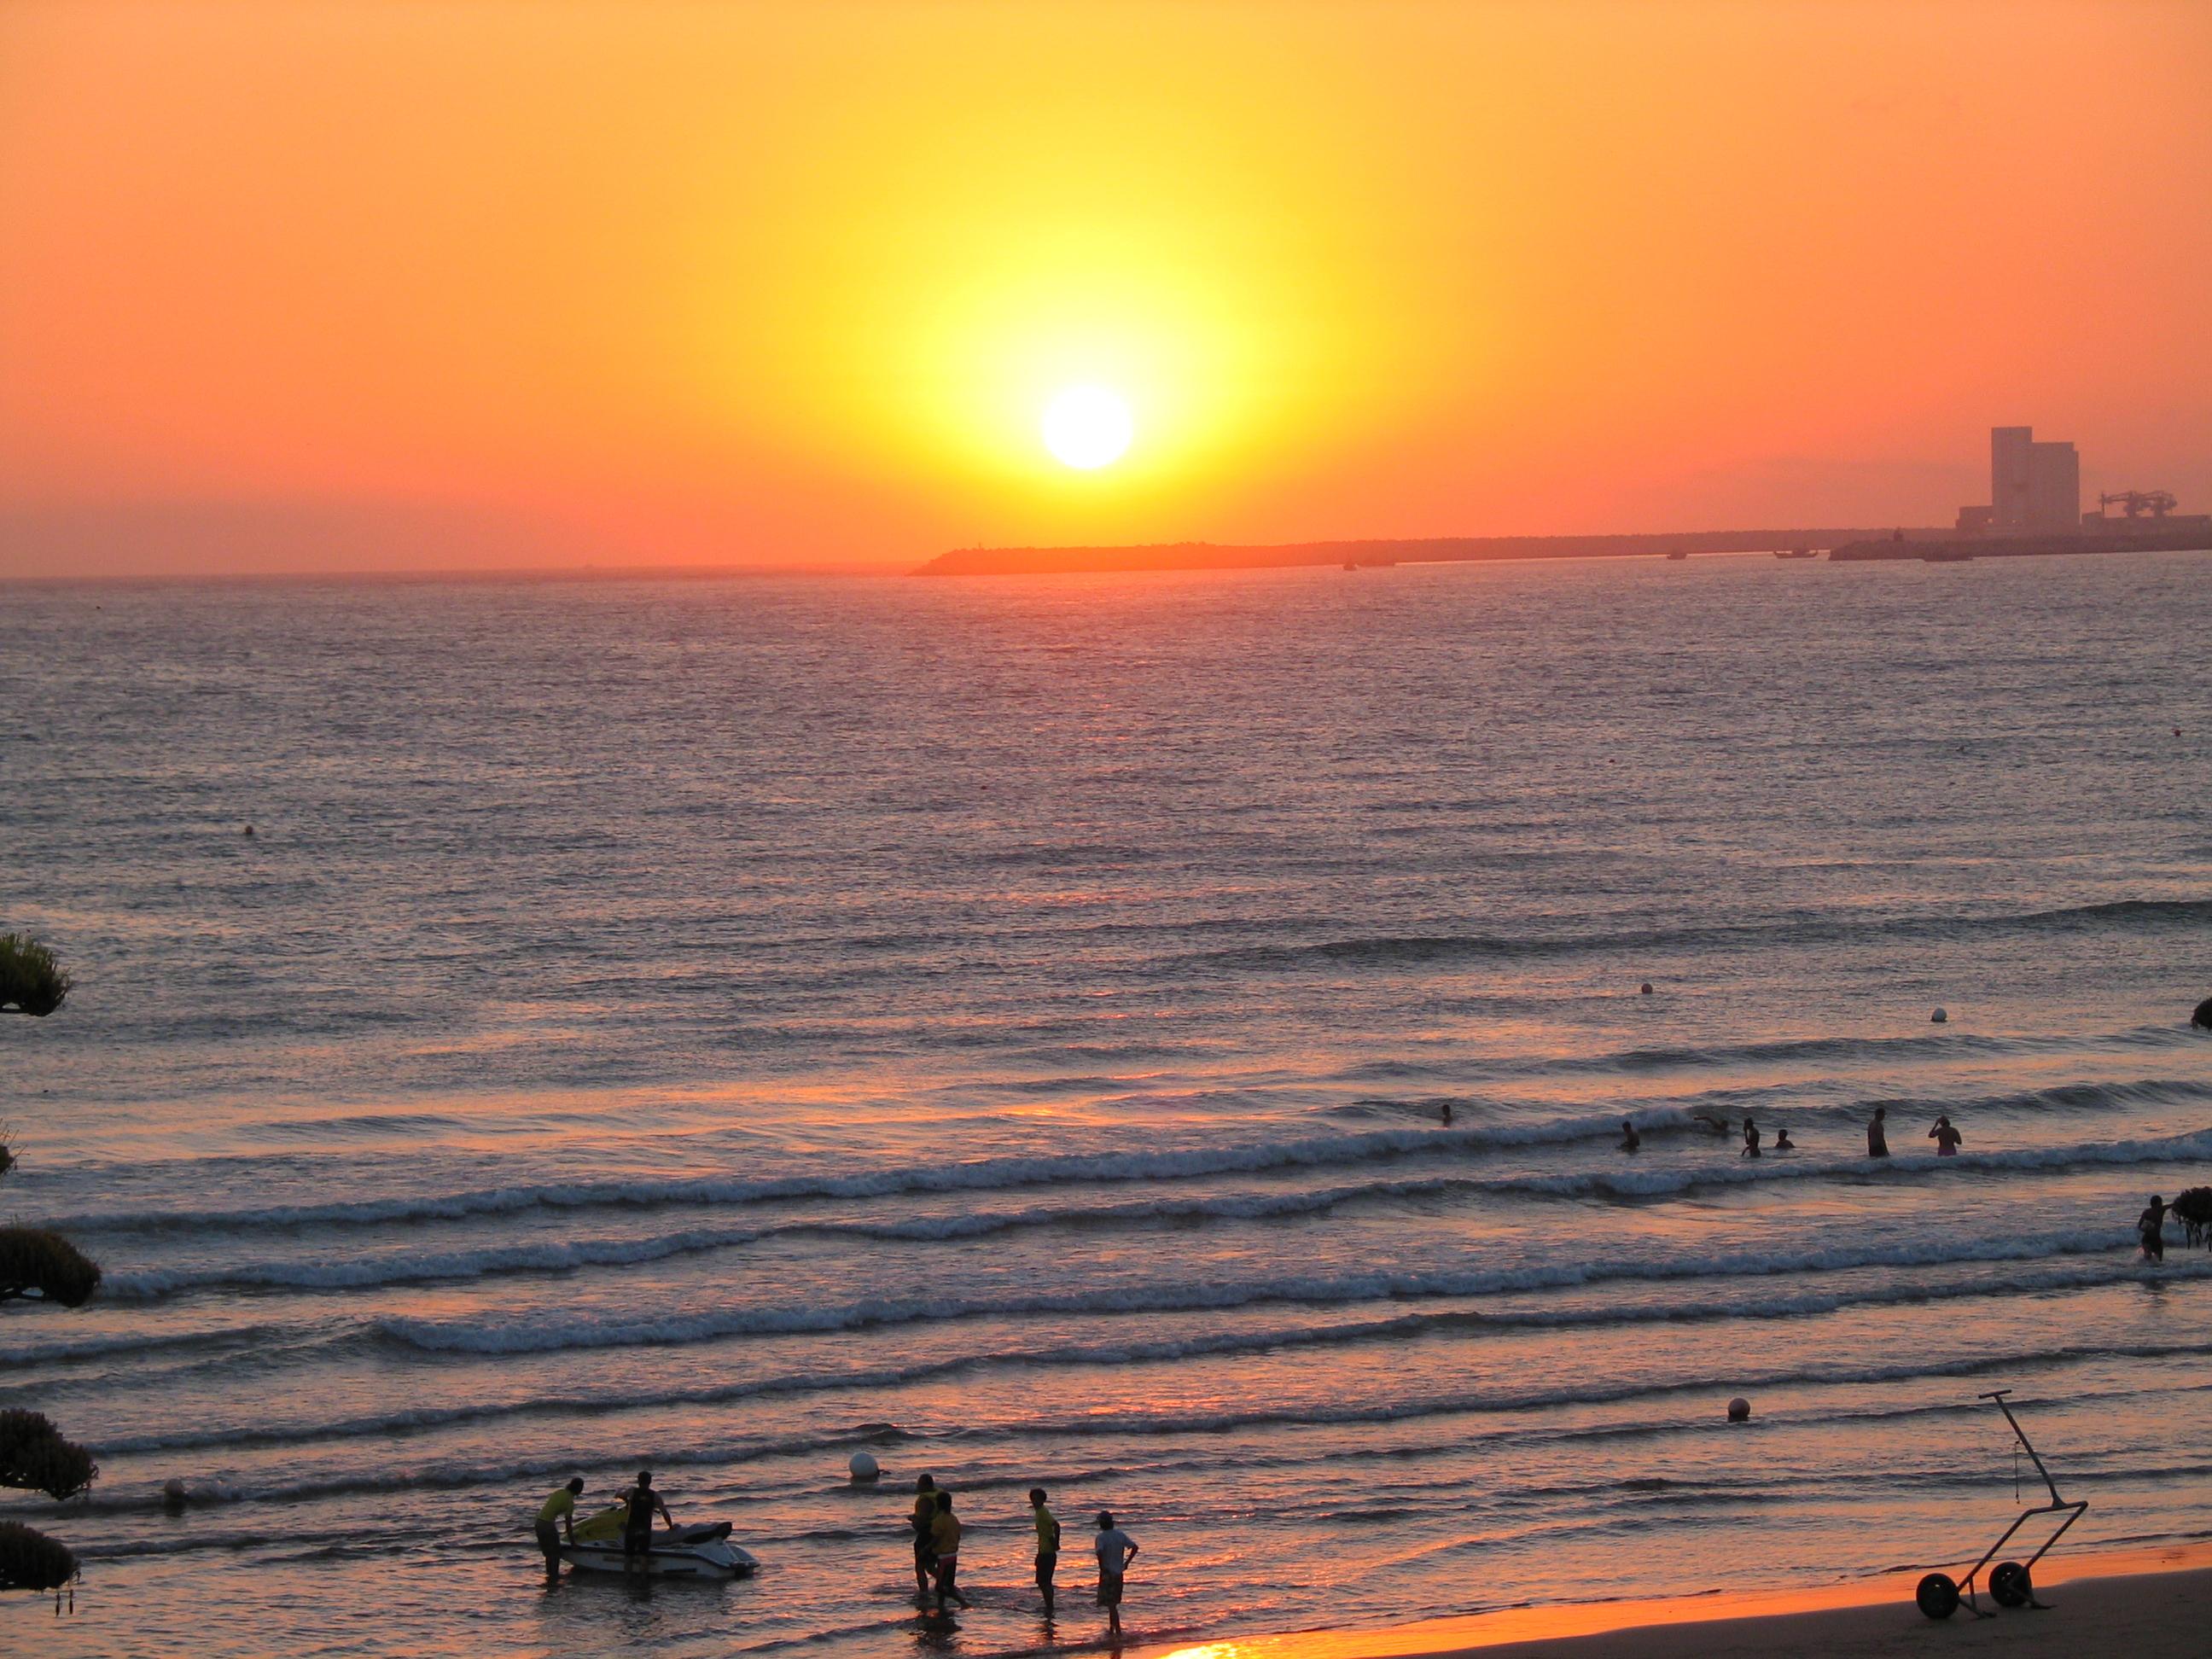 coucher de soleil - photo #45